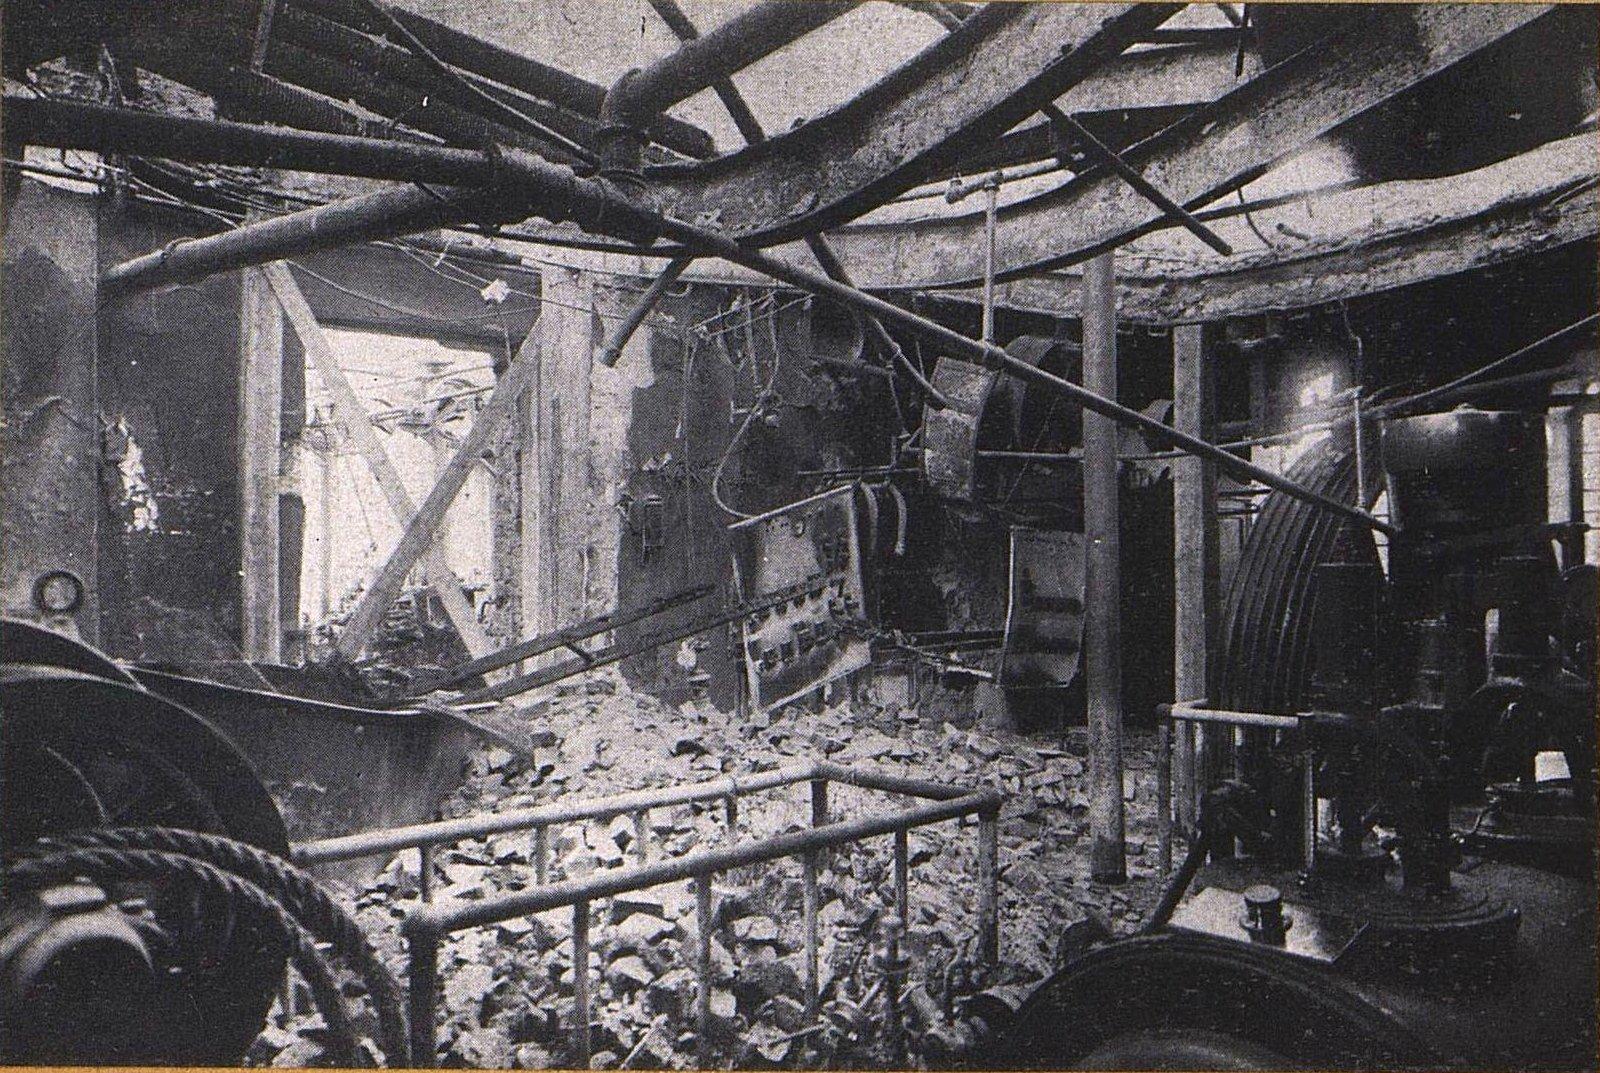 42. Внутренний вид карандашной фабрики Маевского в Прушкове после немецкой бомбардировки